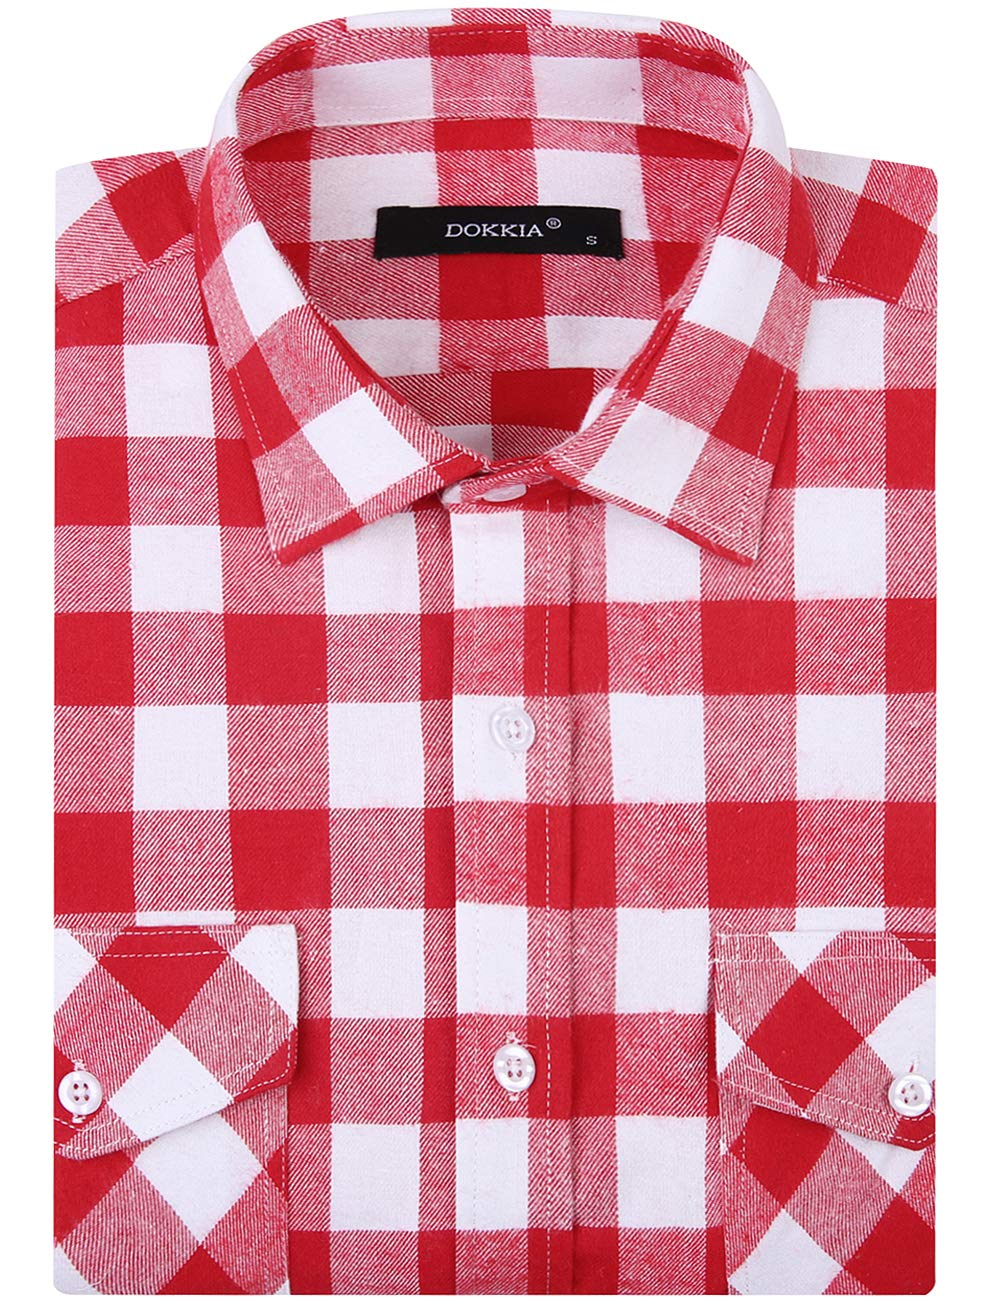 DOKKIA Vardaglig flanellskjorta rutig toppar långärmad buffel pläd arbete klänning blusar jacka Red White Buffalo